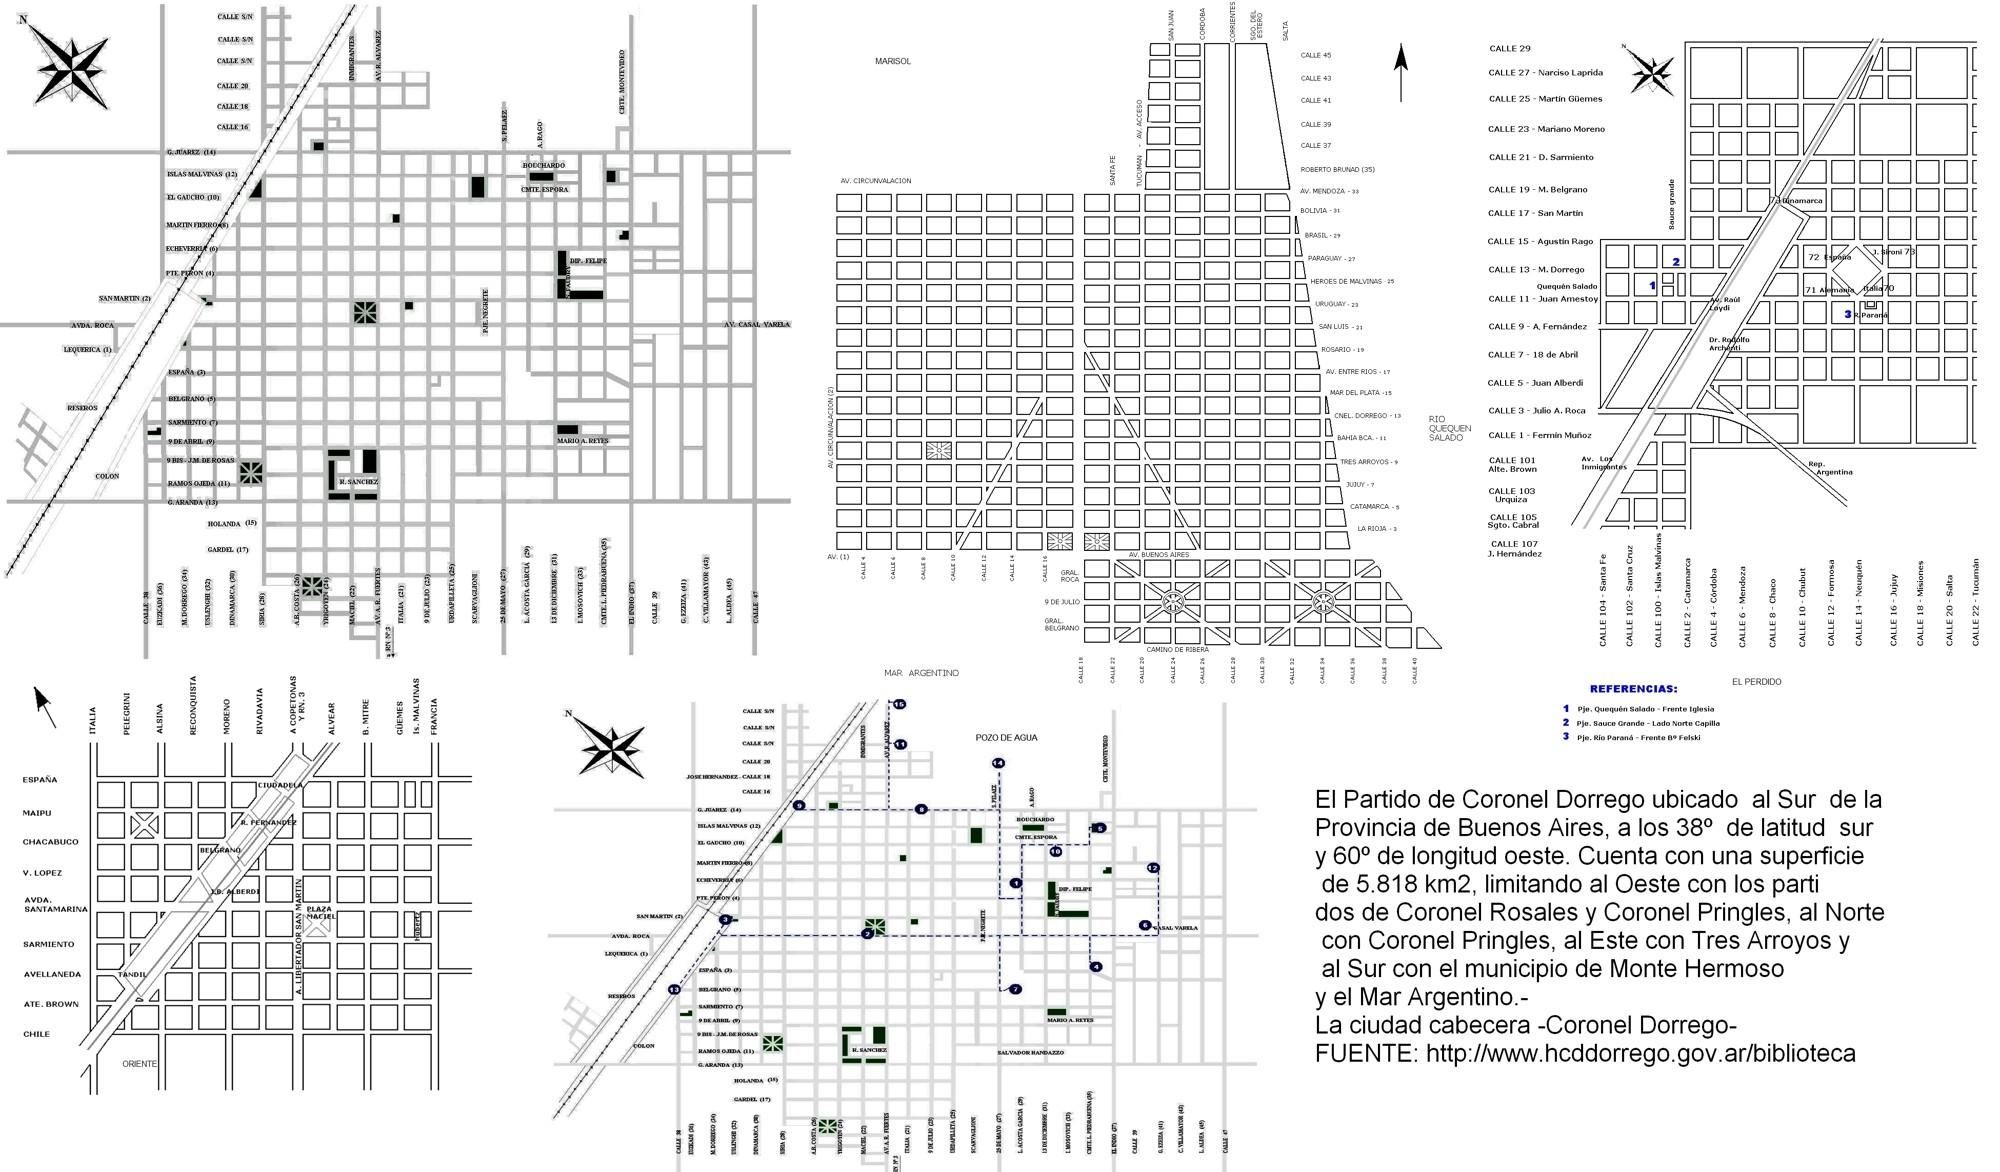 Calendario 2019 Para Imprimir Argentina Mayo Más Recientes Mapa Mural Plano De Coronel Dorrego 3—2 Hojas Carta Para